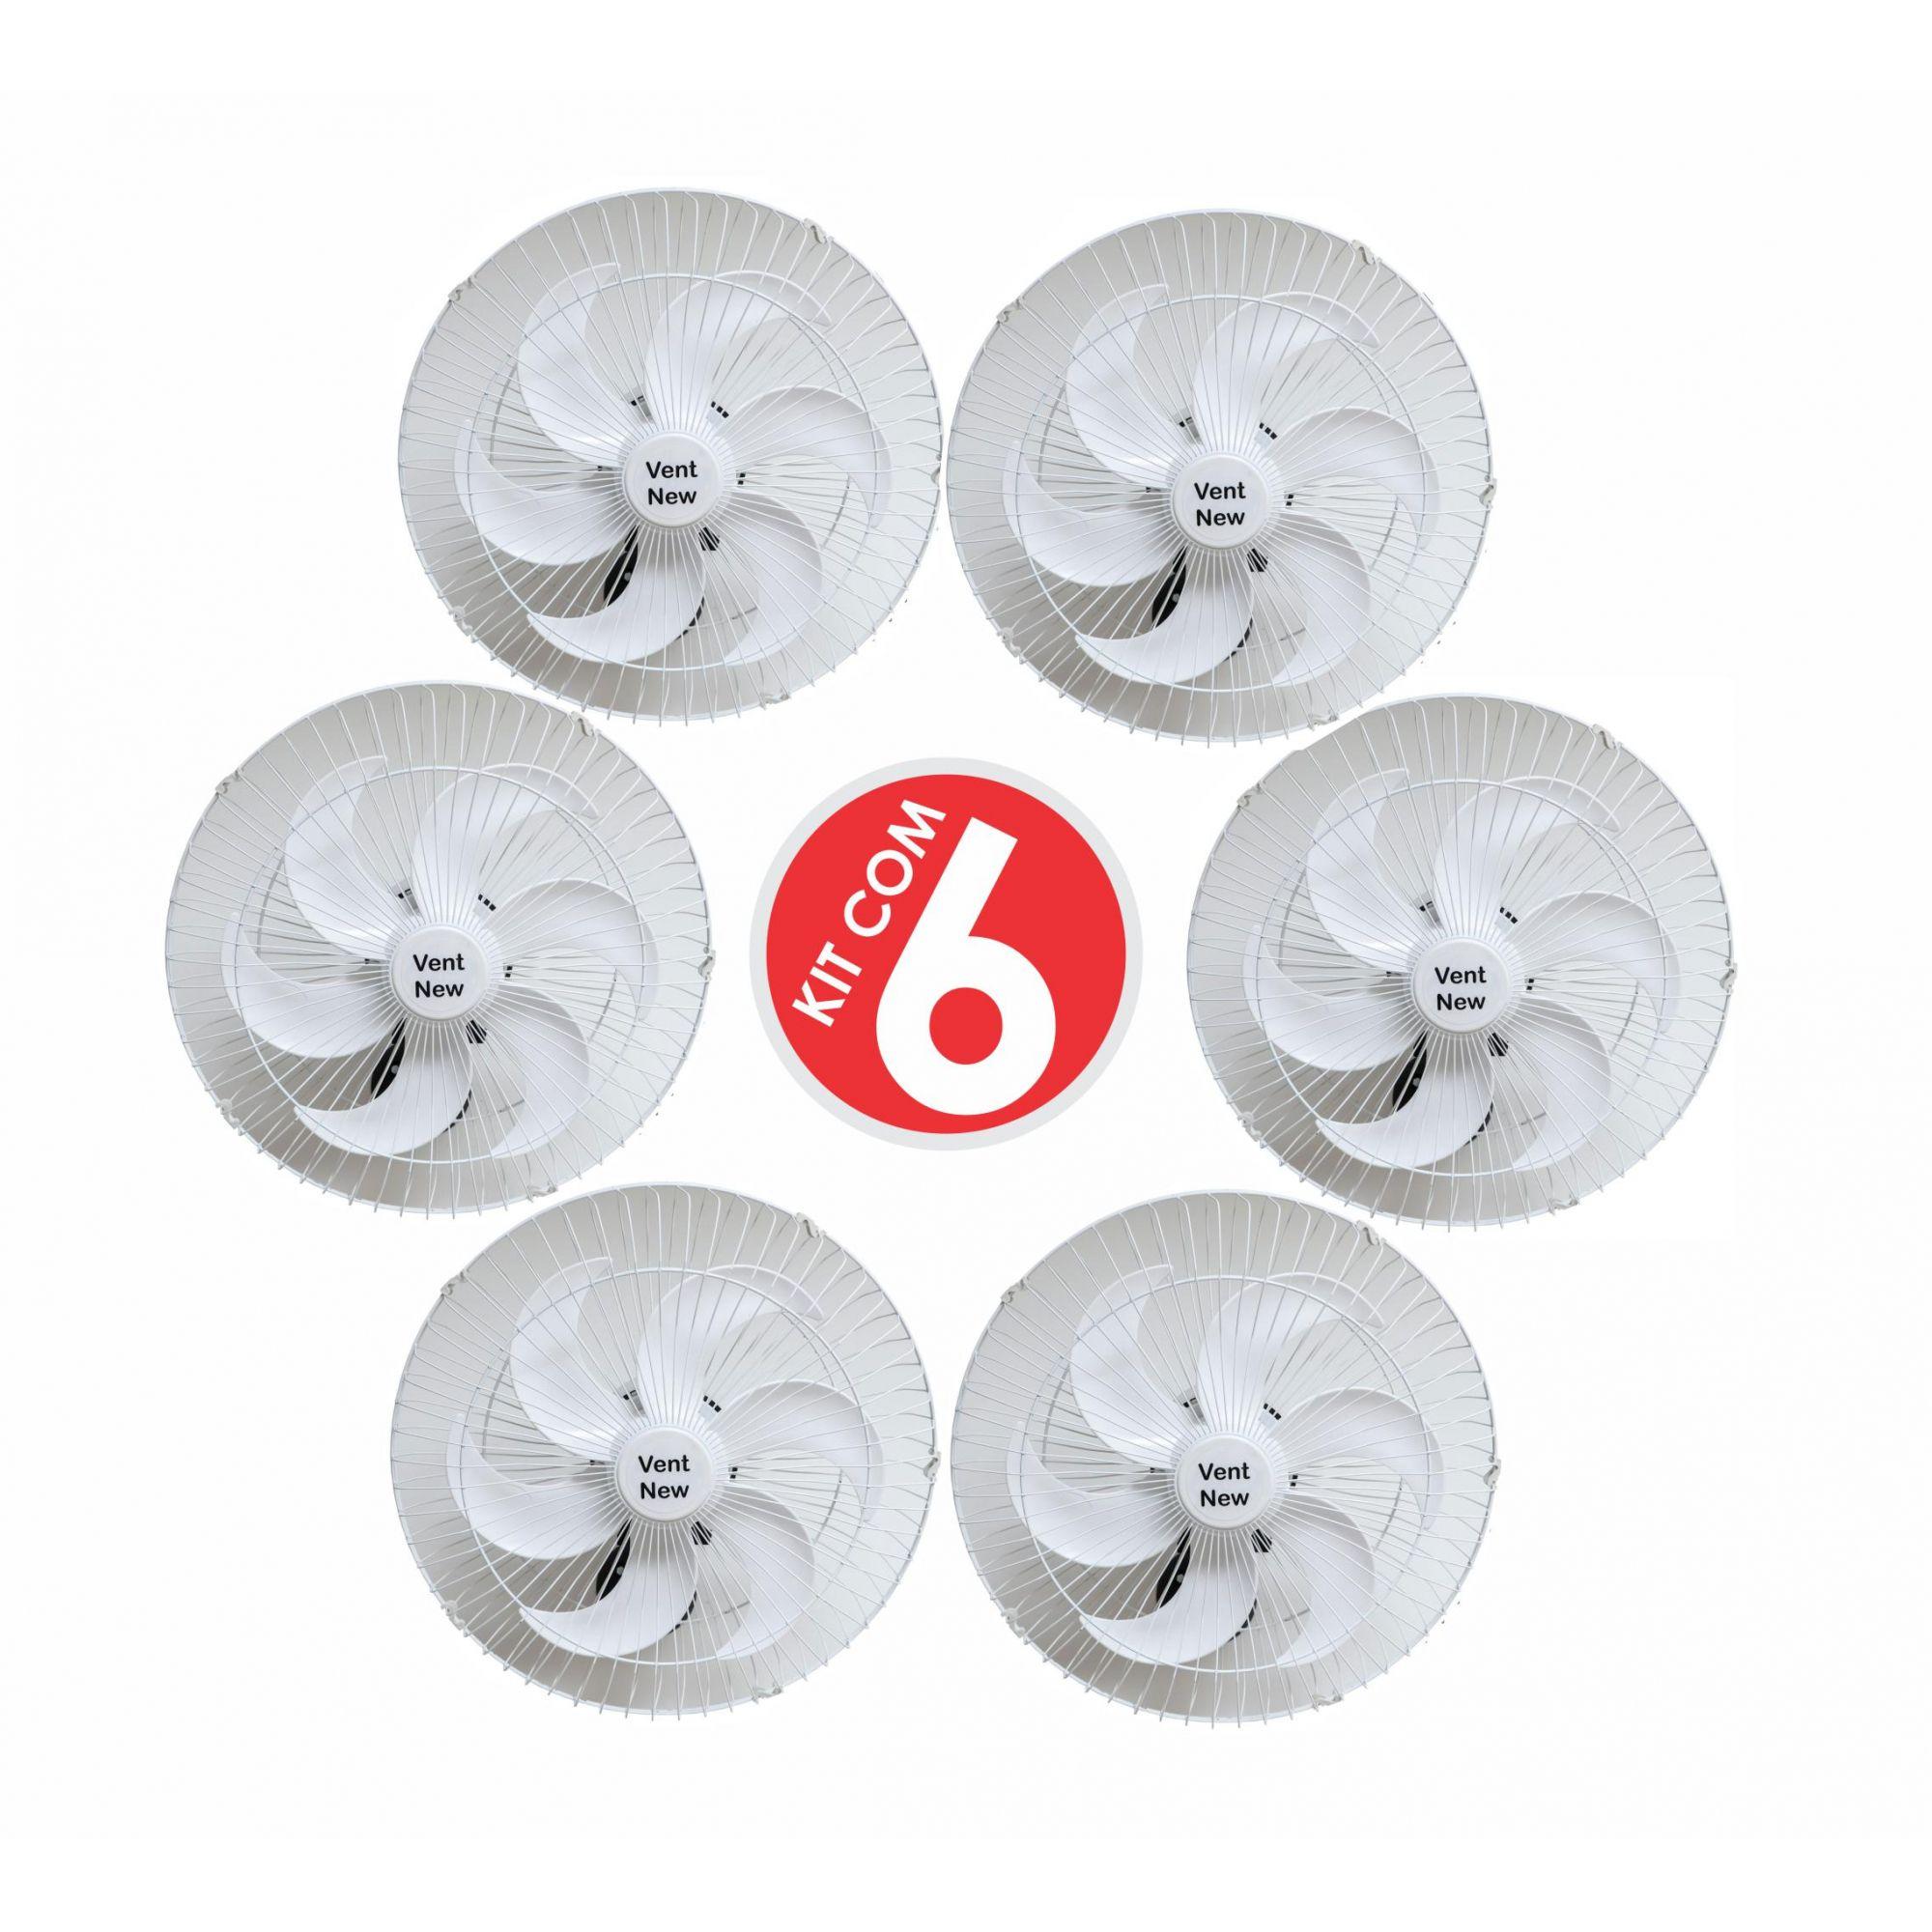 Kit 6 Ventiladores Parede Oscilante 50 Cm Branco / Branco Bivolt Grade Aço